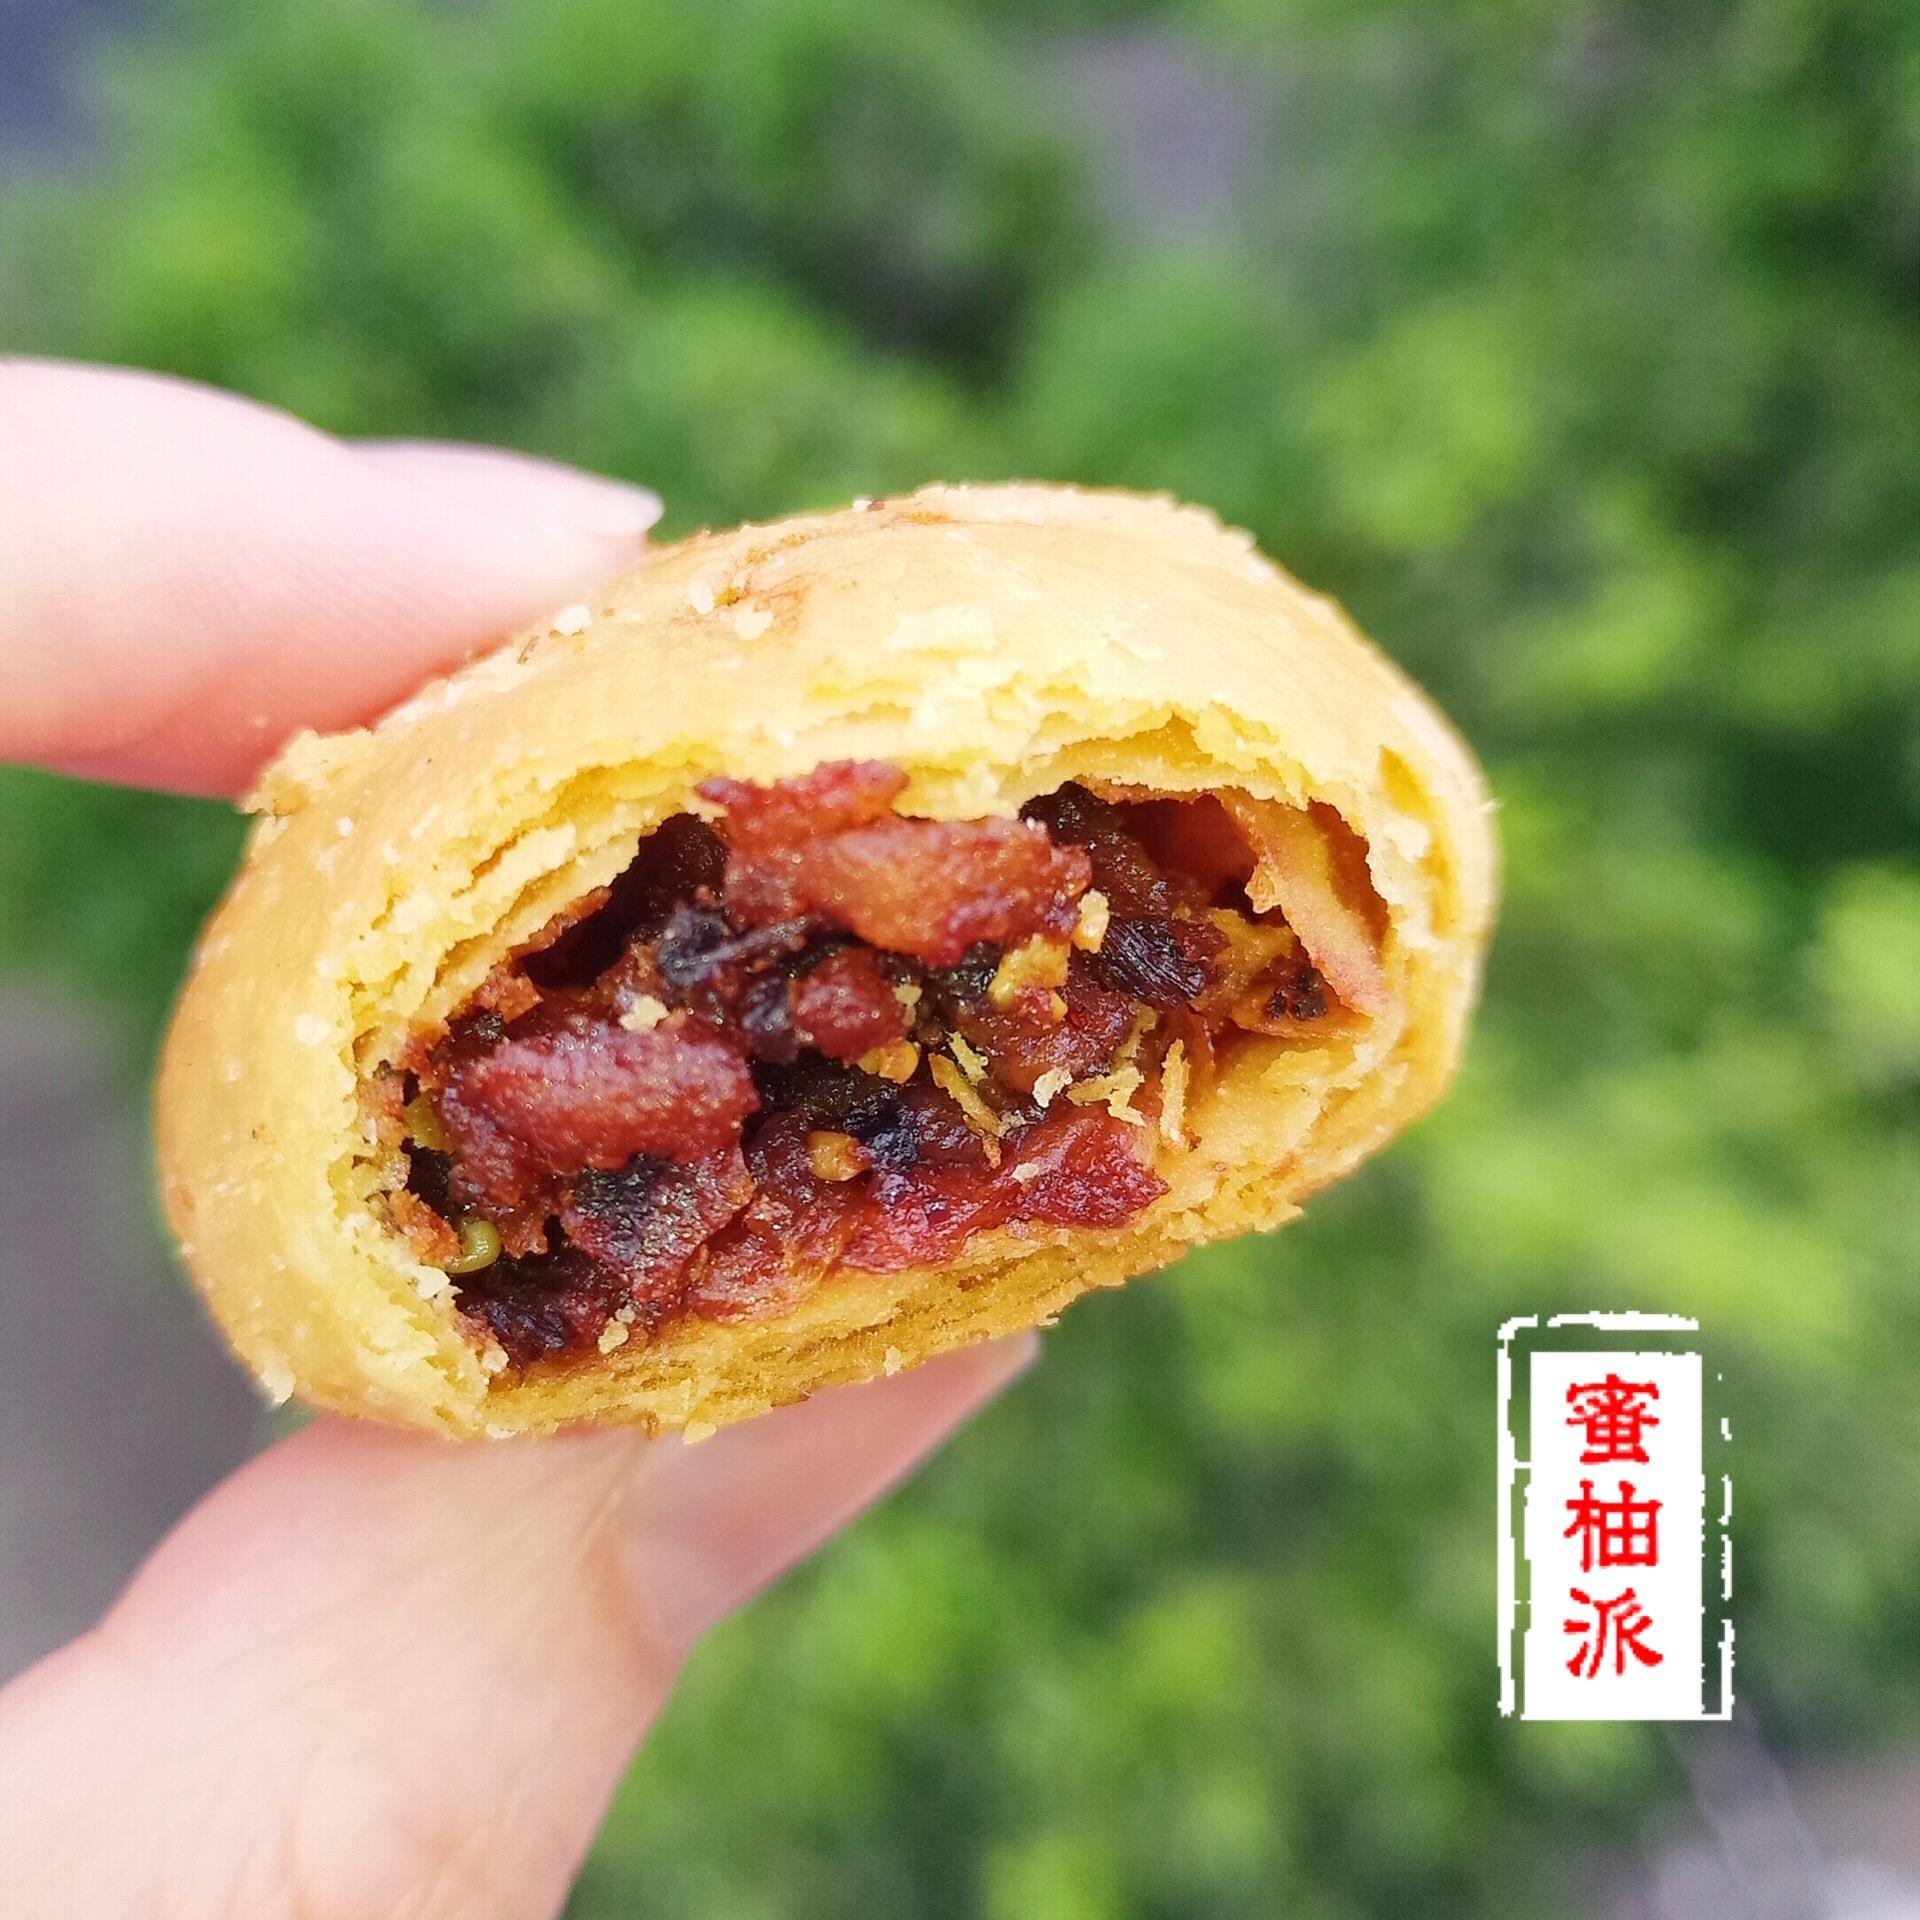 【干菜小酥饼】农家特产浙江安徽风味小吃传统糕点休闲零食